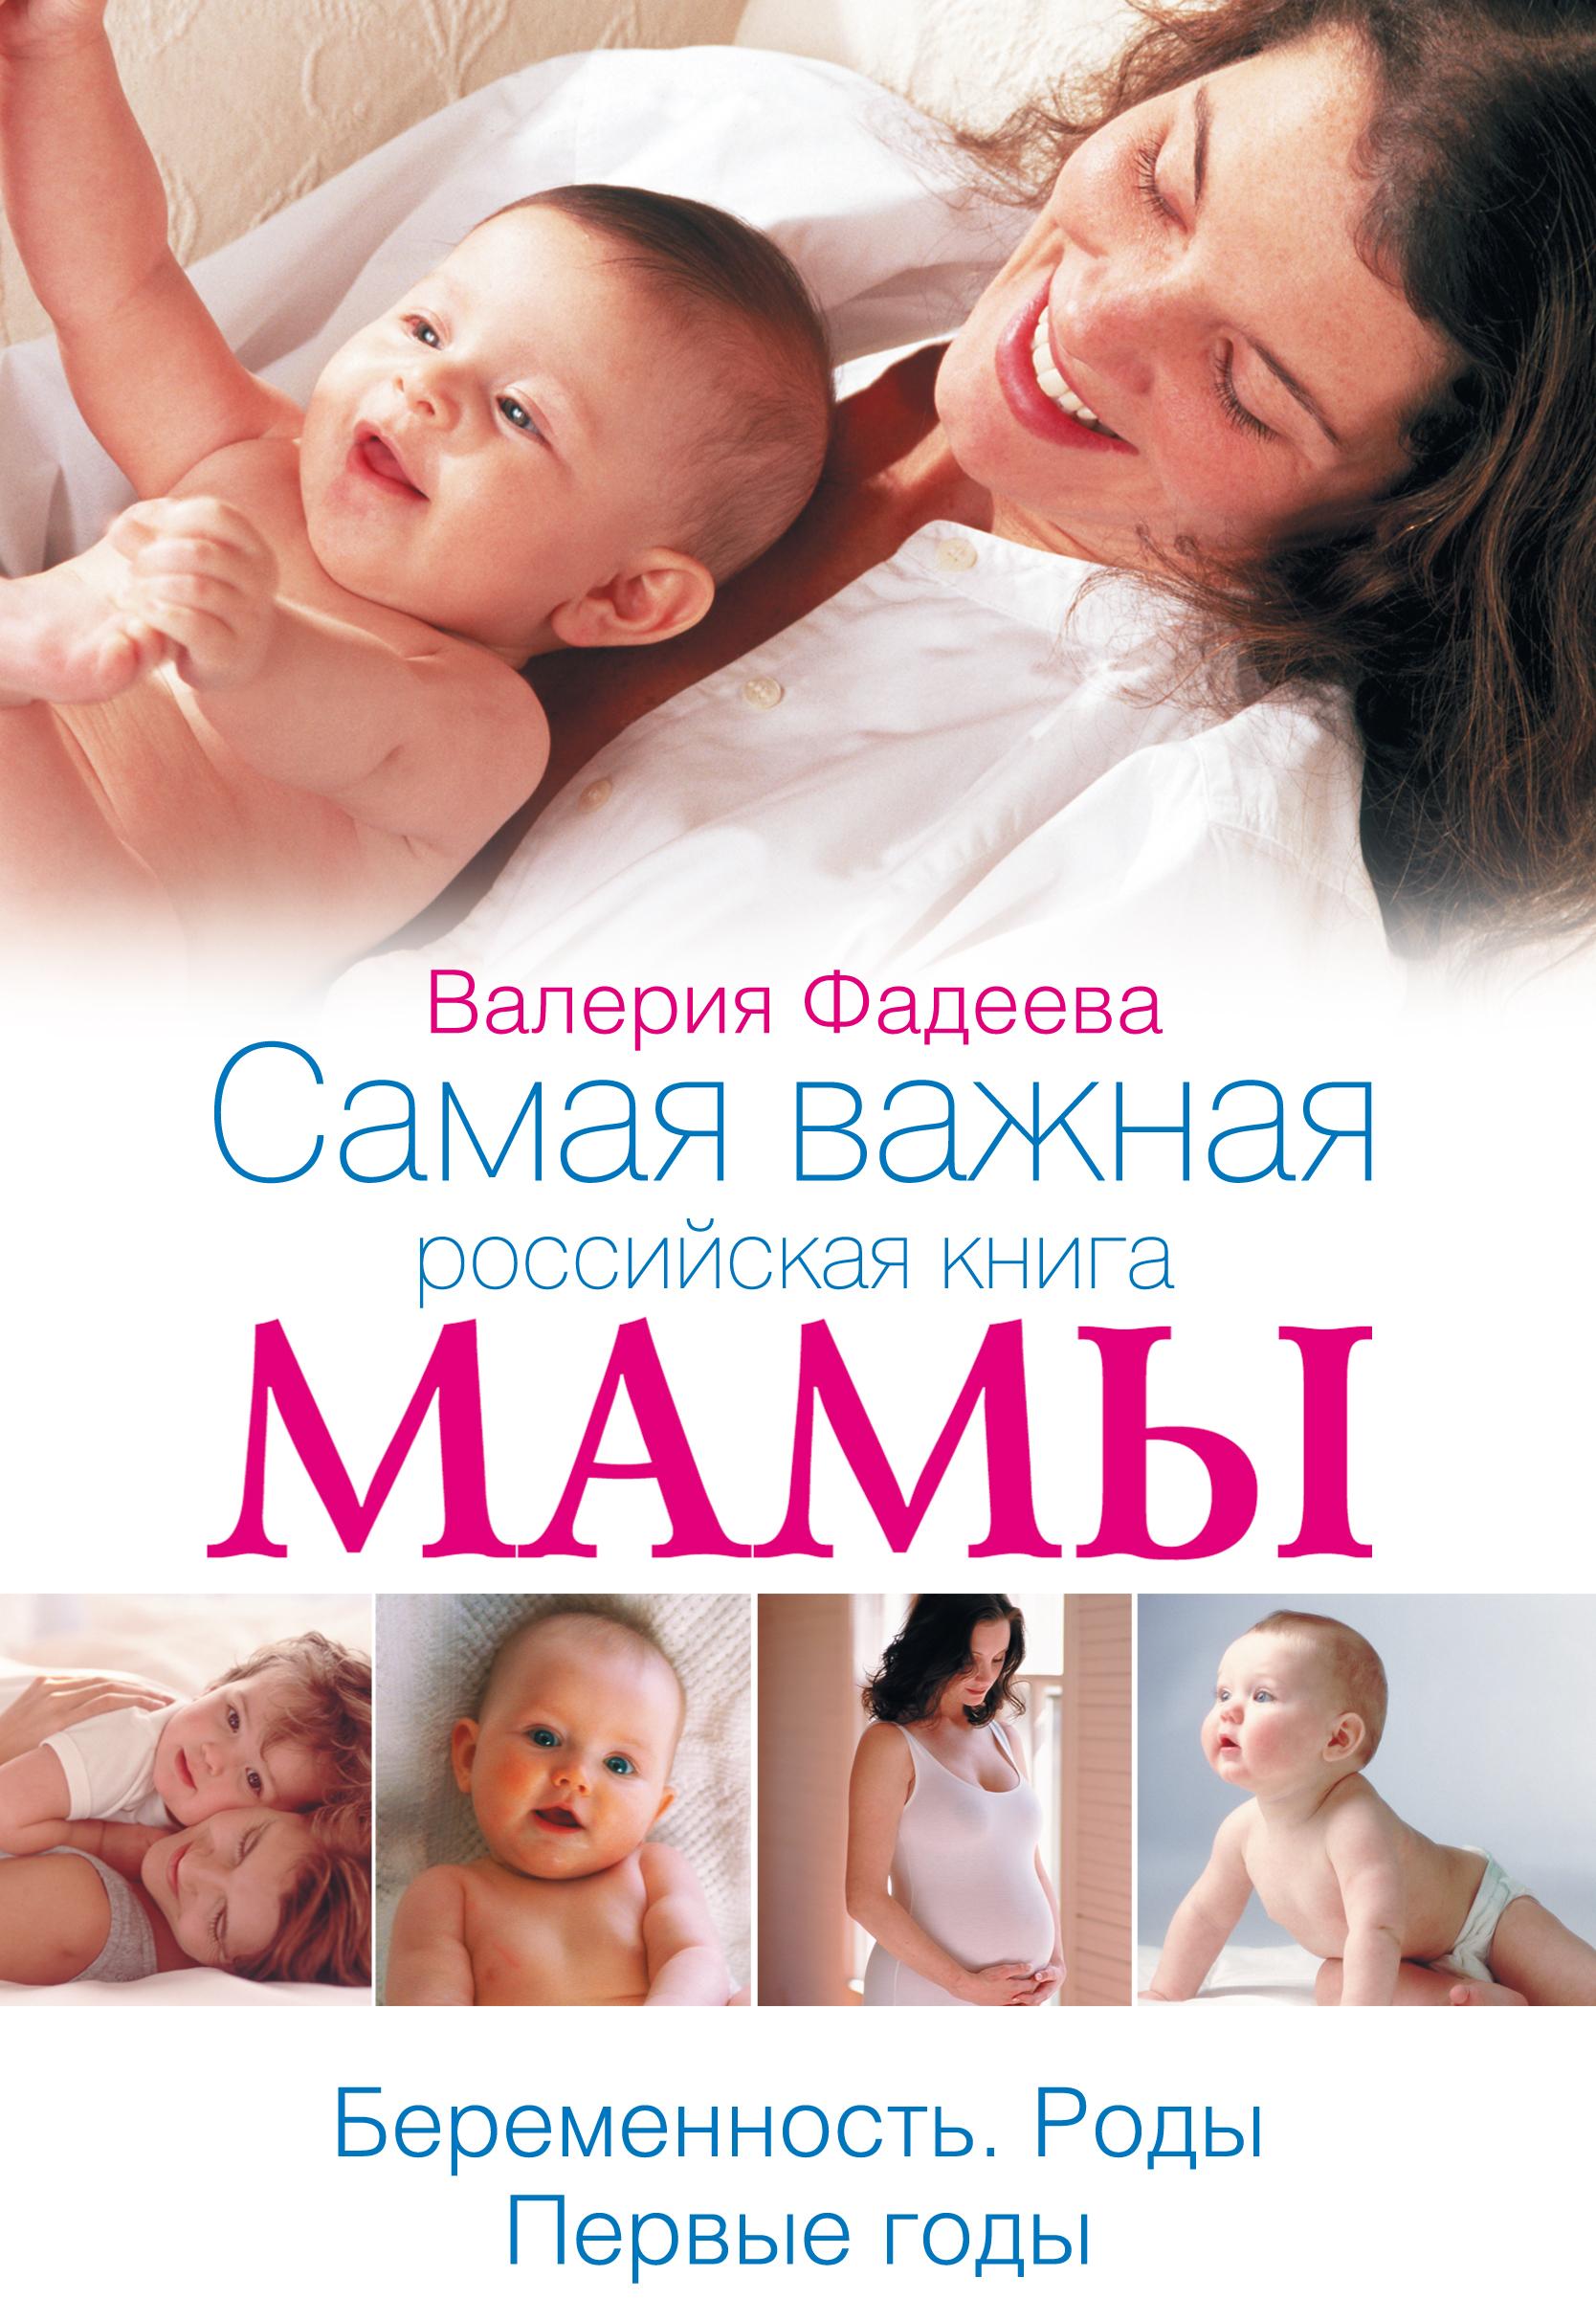 Причини отсуствия оргазма у молодой мами